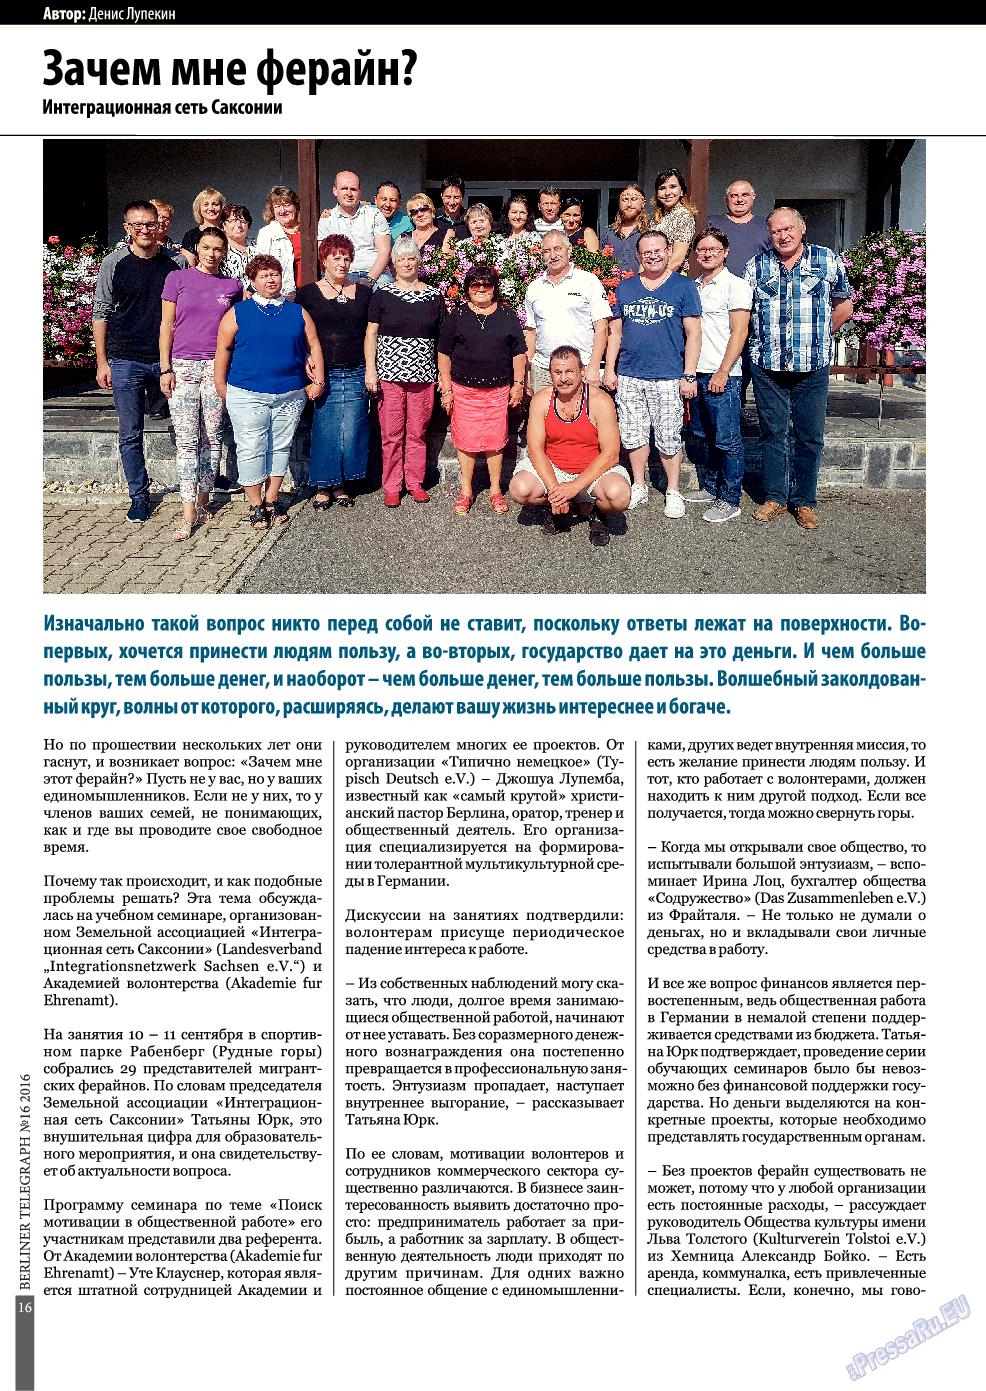 Берлинский телеграф (журнал). 2016 год, номер 16, стр. 16